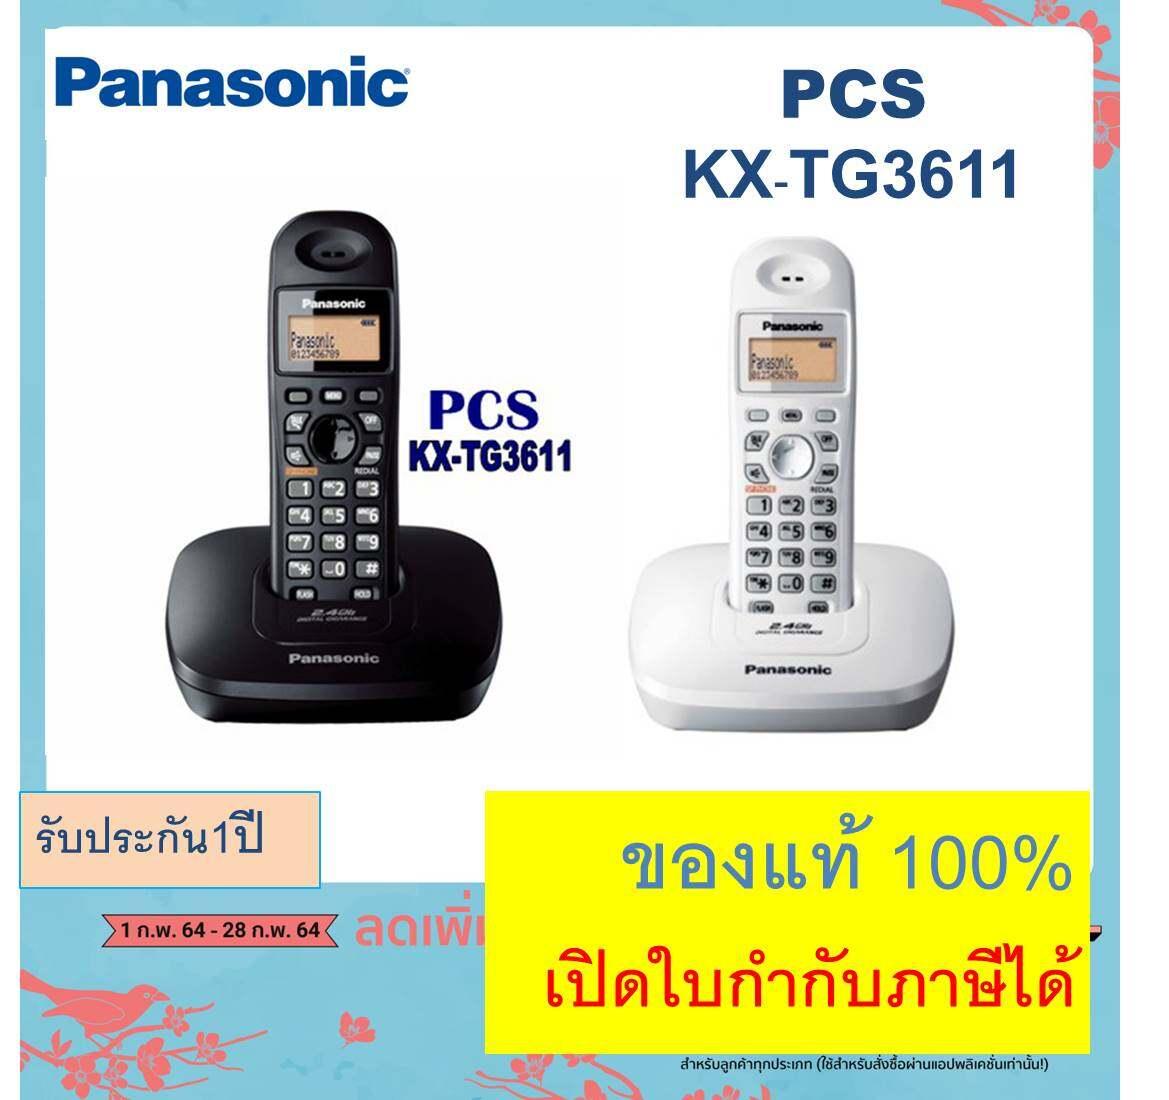 ส่งฟรี-Kx-Tg3611bx สีดำ/เงิน Panasonic โทรศัพท์ไร้สาย 2.4ghz ราคาถูกมาก โทรศัพ์ท์บ้าน ออฟฟิศ สำนักงาน โรงแรม.